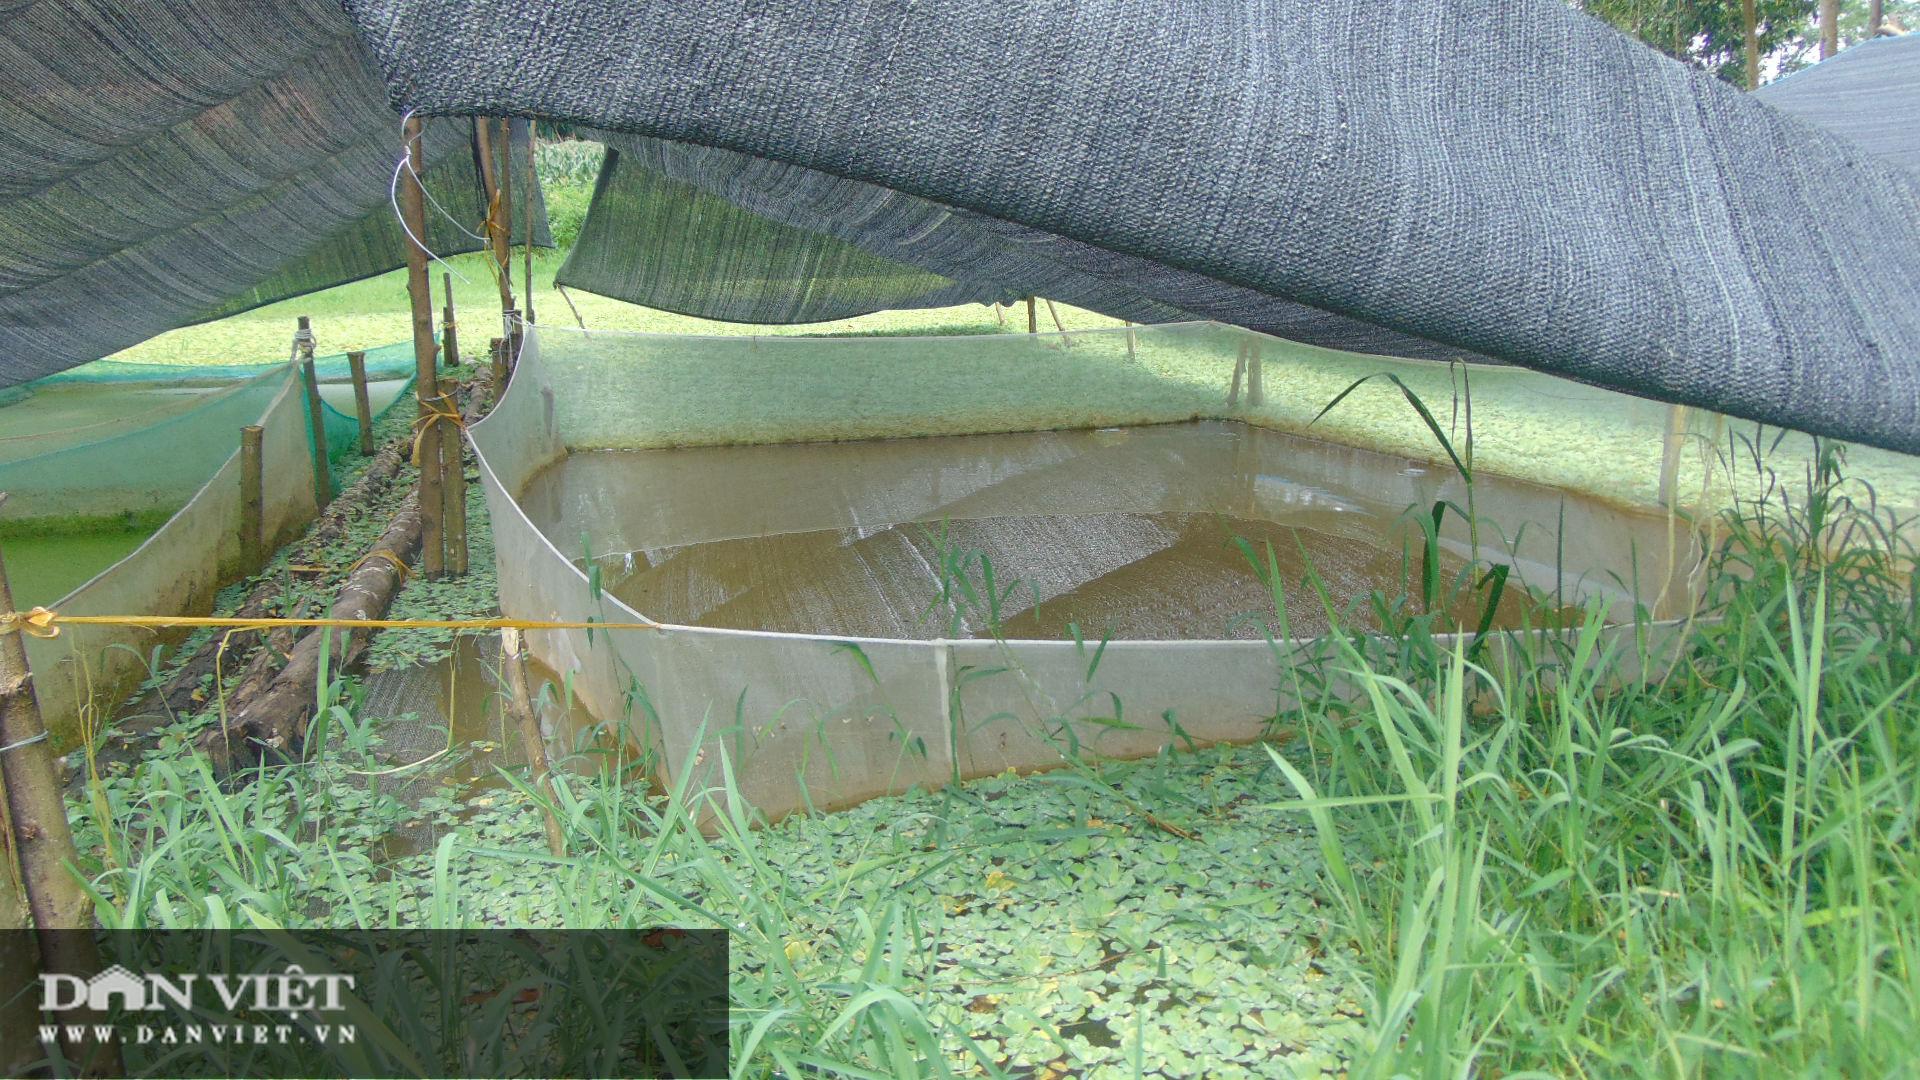 Thái Nguyên: Thanh niên trẻ thu hàng chục triệu mỗi ngày nhờ nuôi con ăn bèo dưới nước - Ảnh 1.